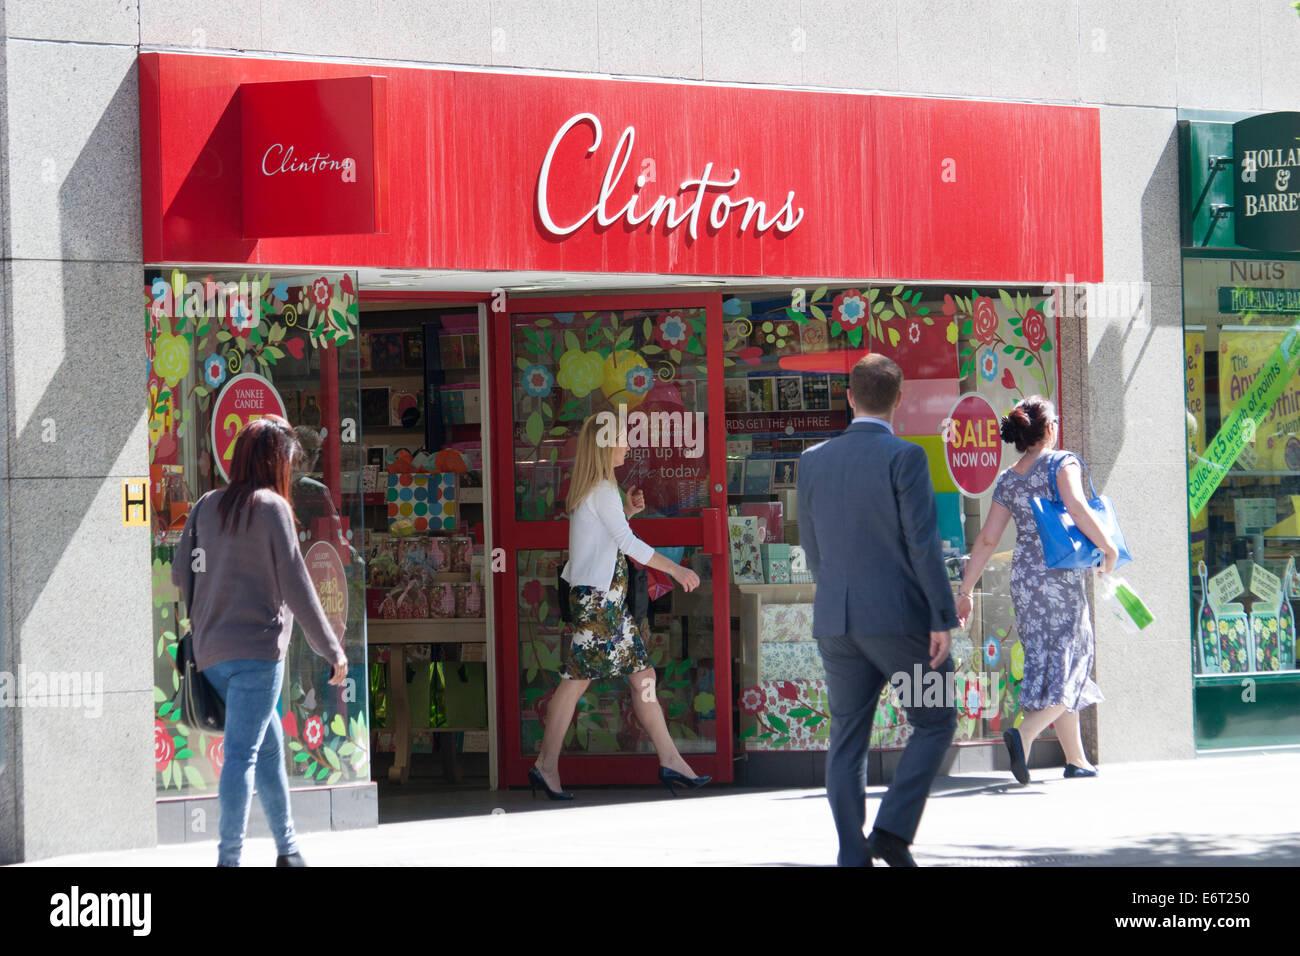 Clinton Karten, London UK Stockbild